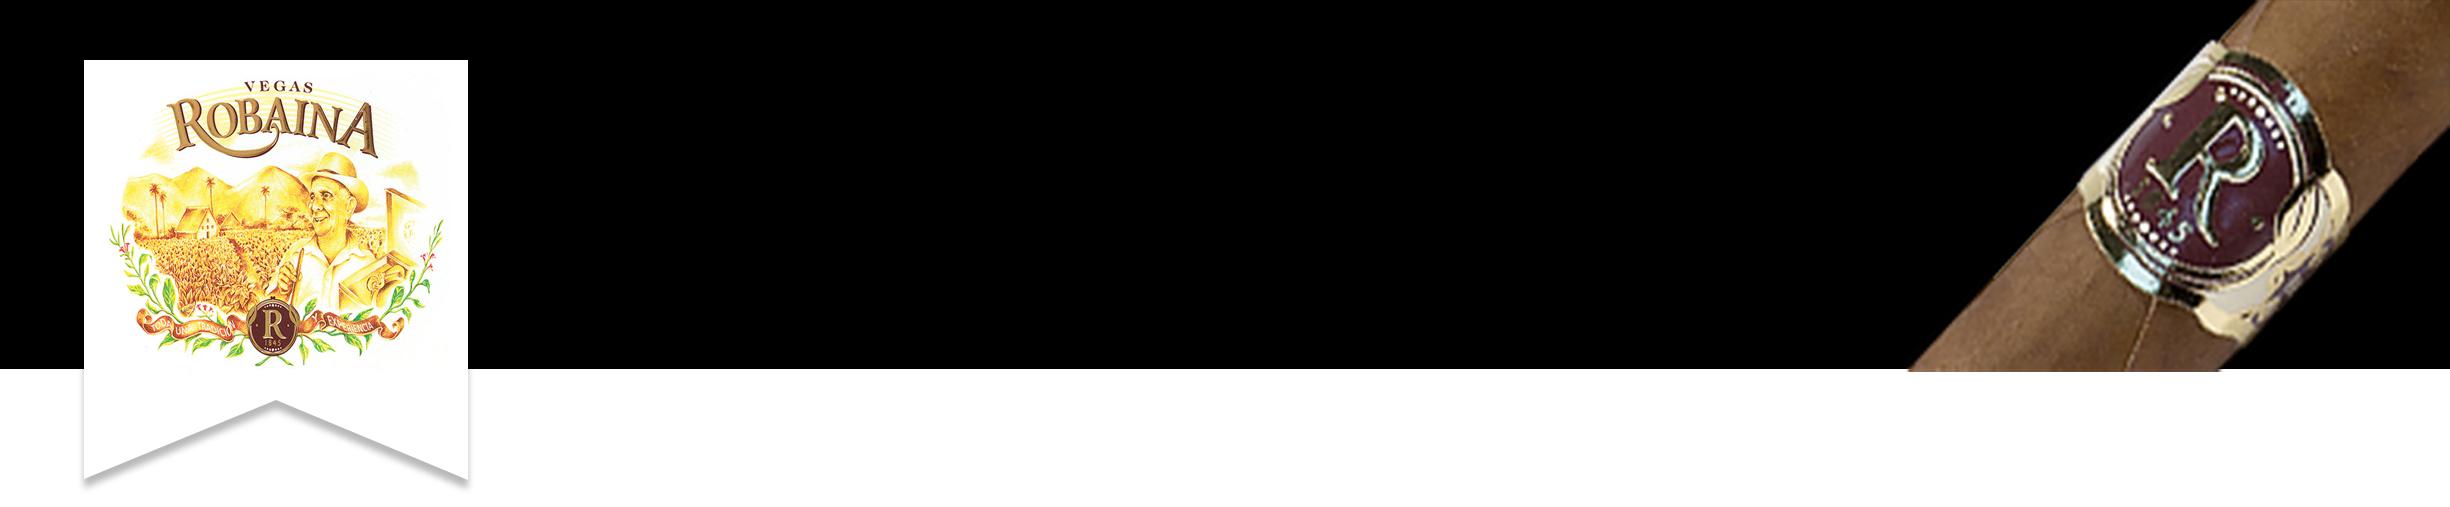 べガス-ロバイナ-カテゴリ